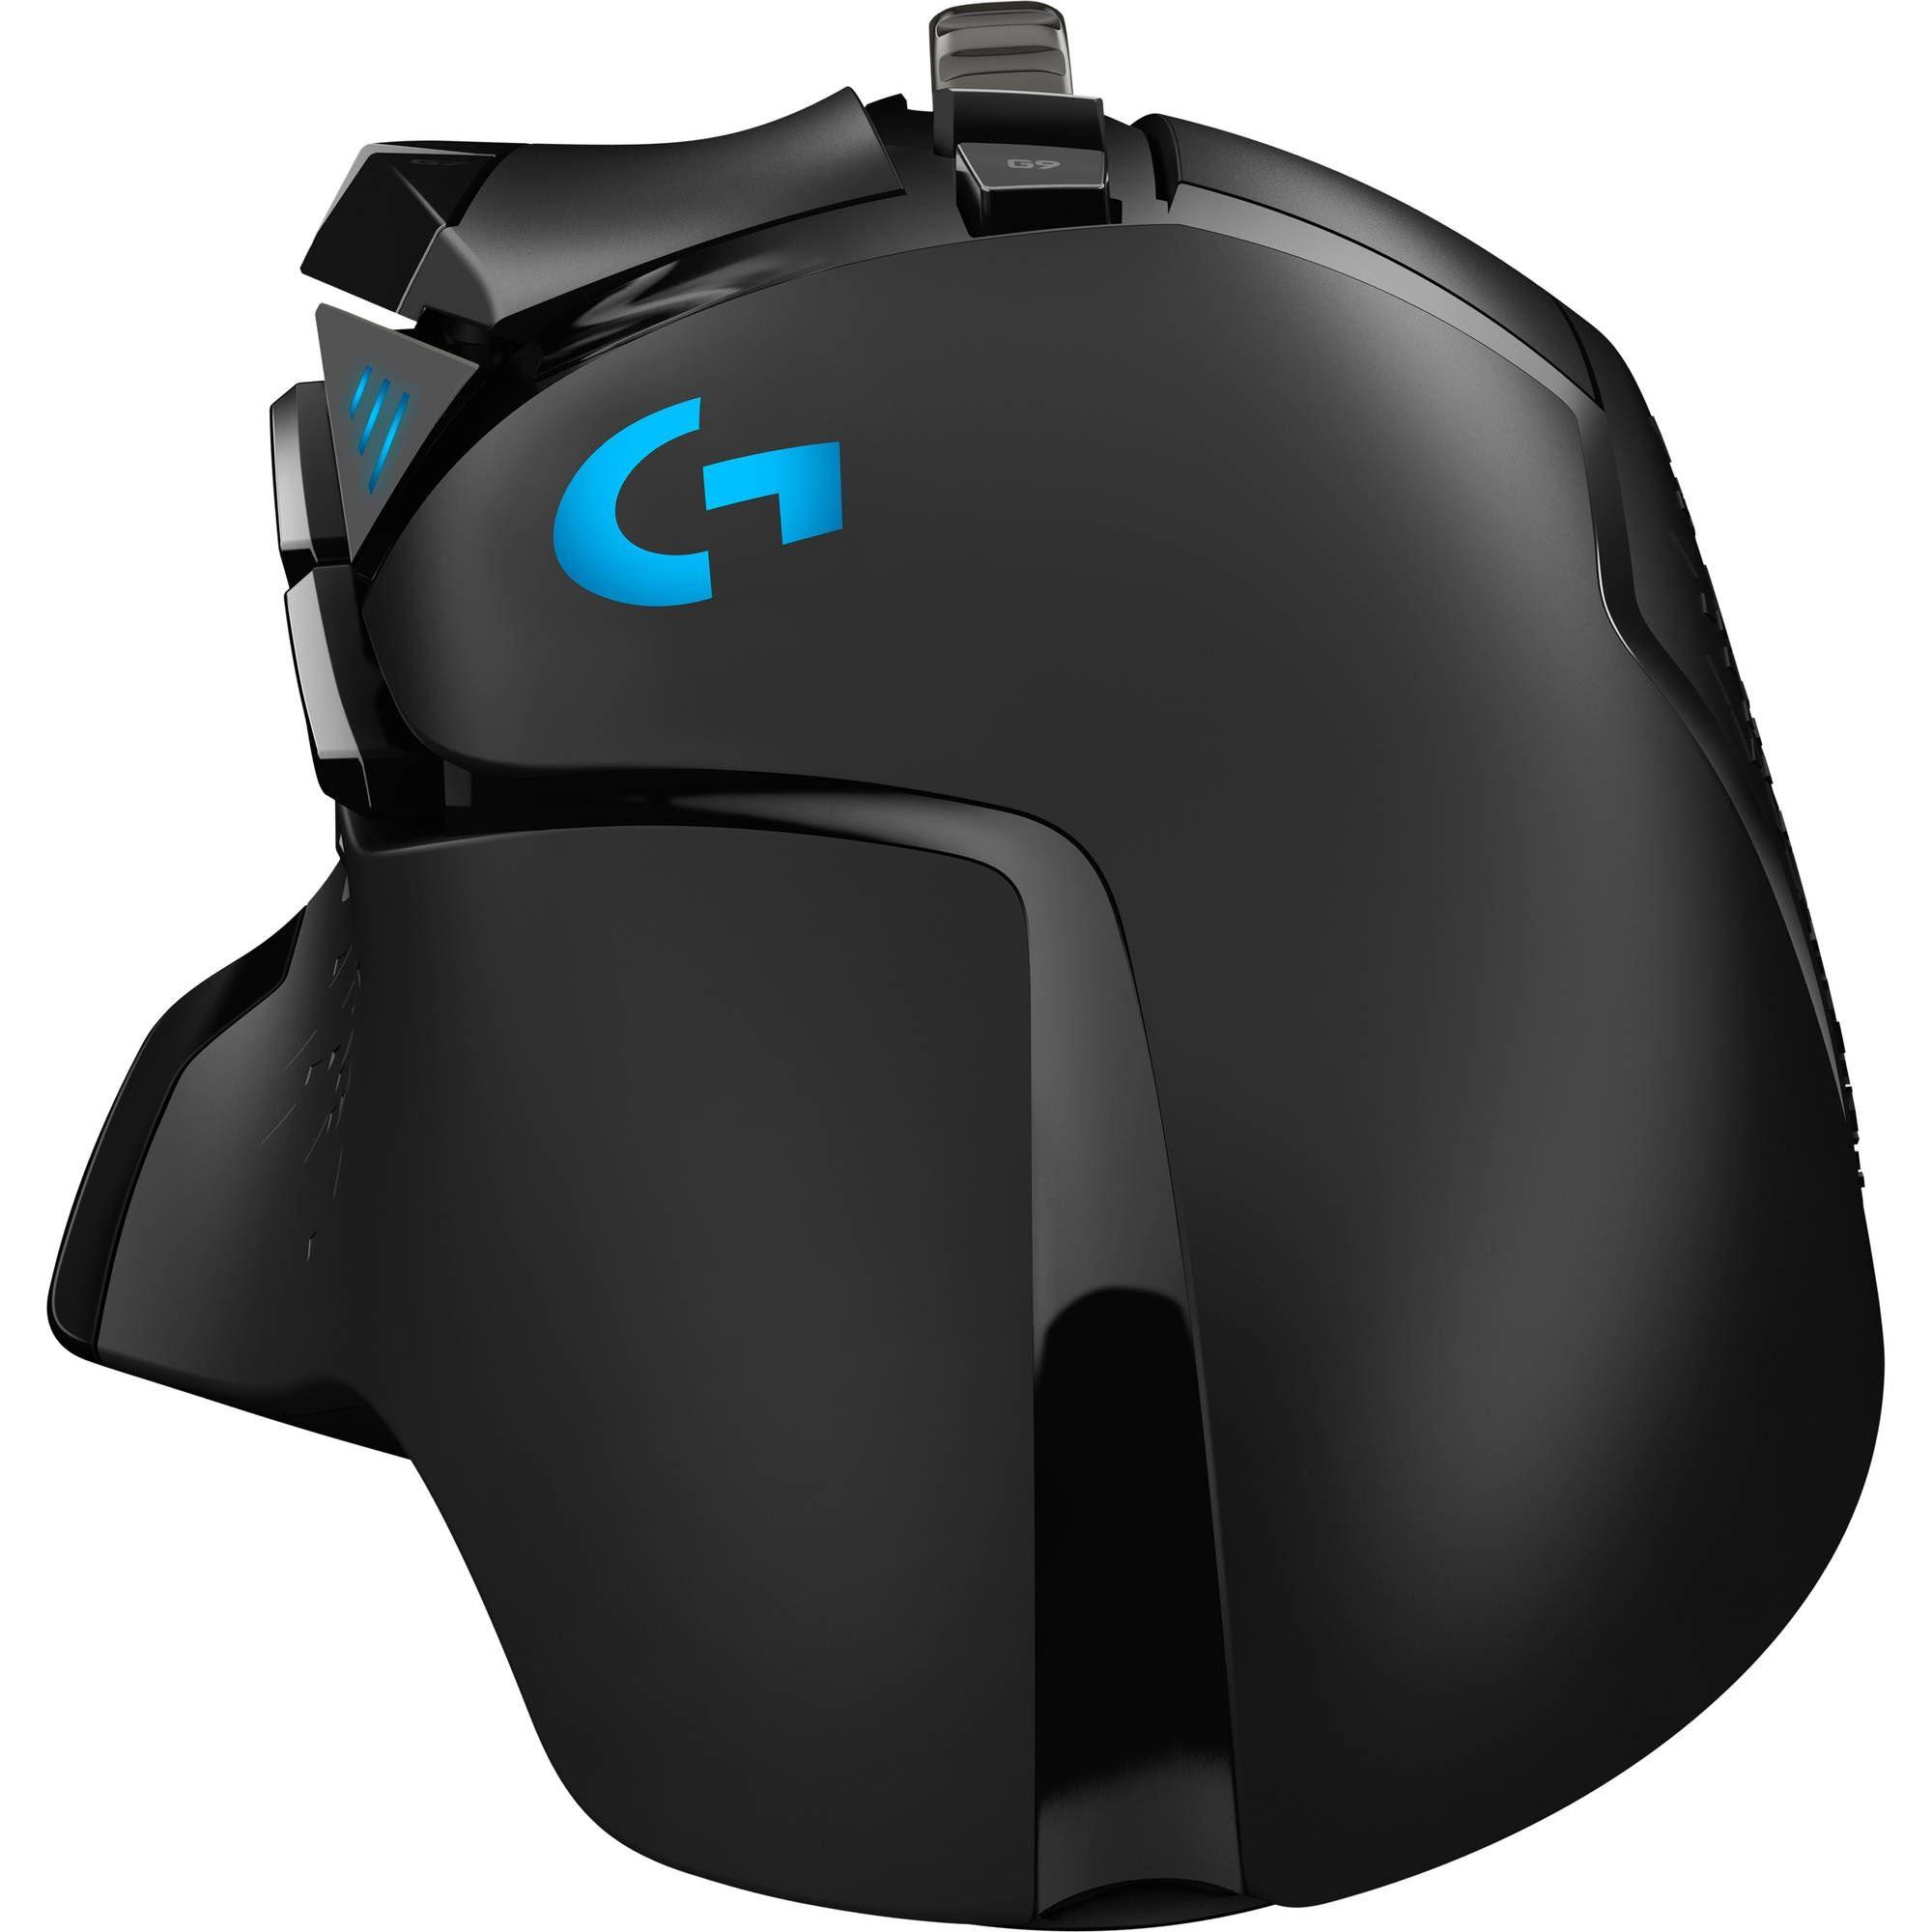 Logitech-G502-4